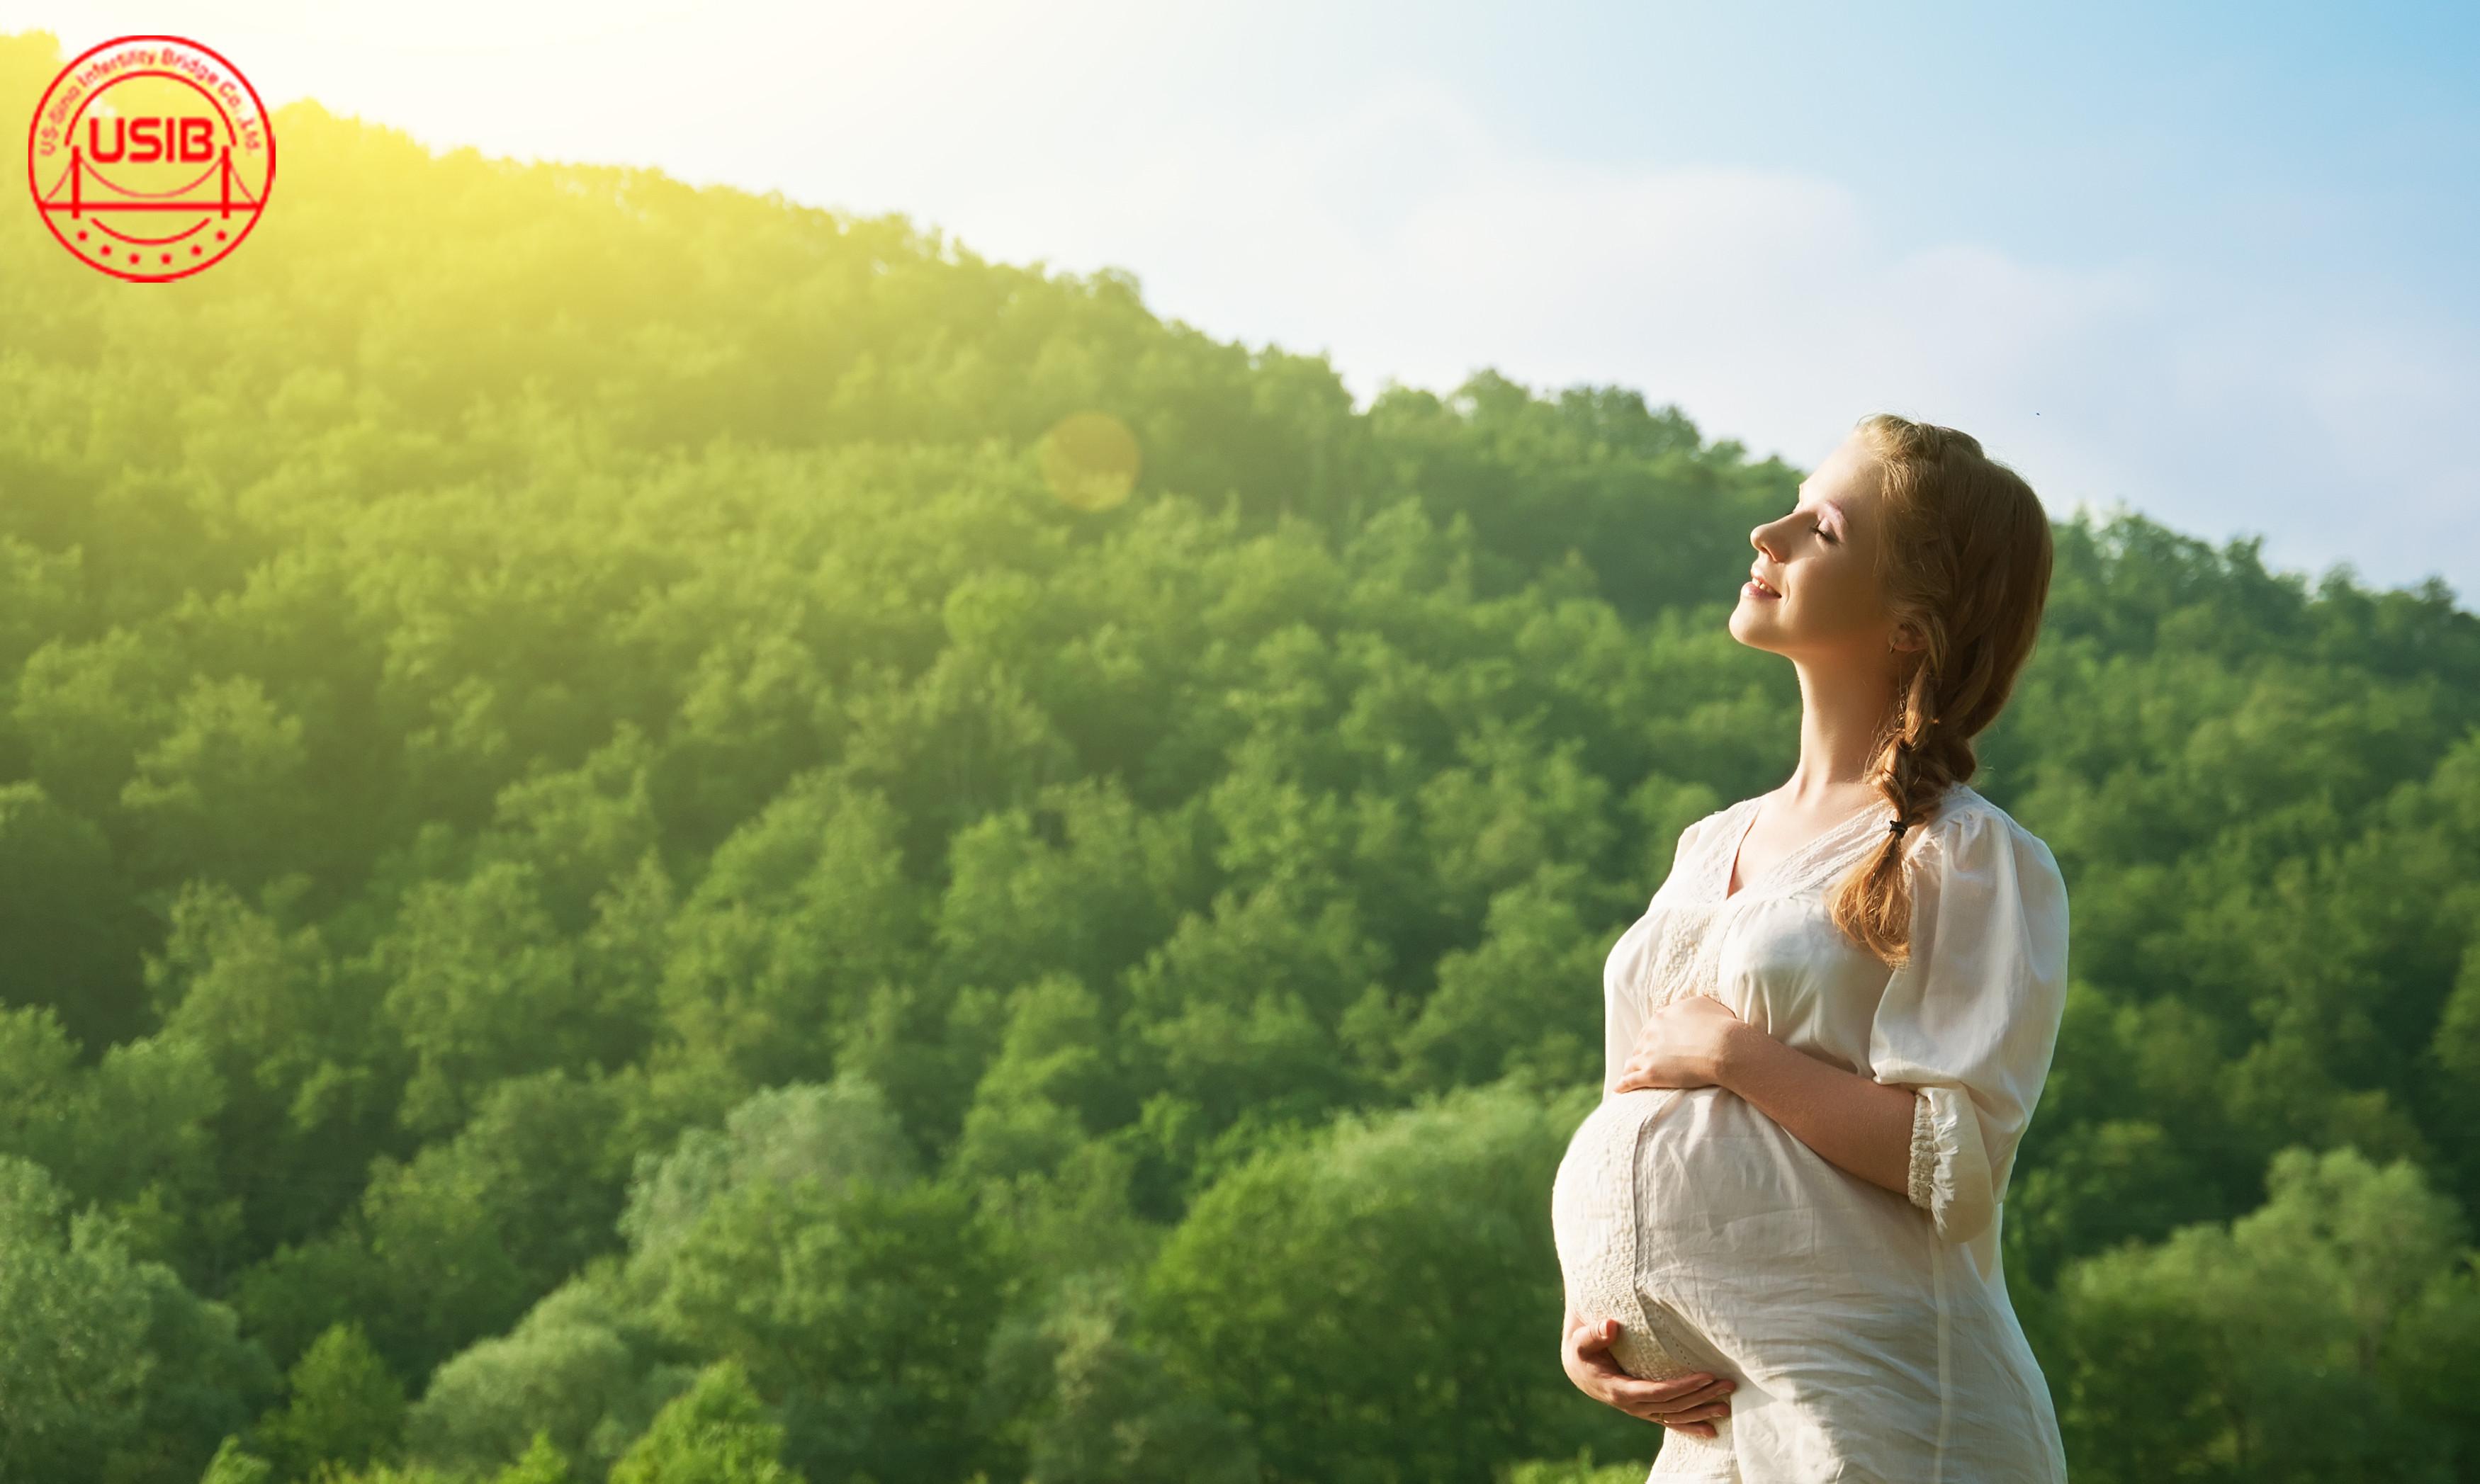 患有内分泌失调能做美国试管婴儿吗?美中桥专家为您解答